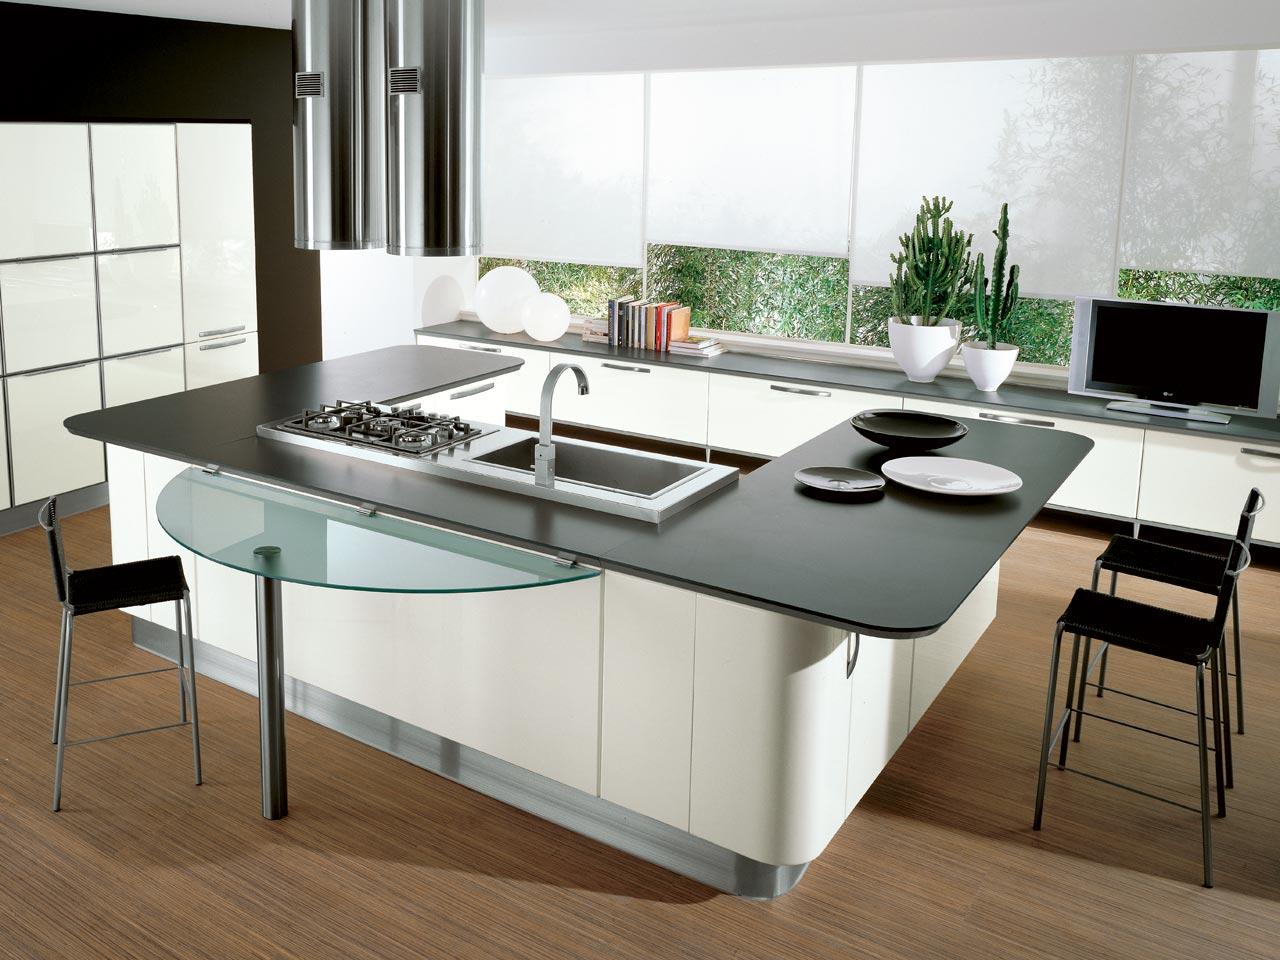 Reformas cocina integral qu prefieres cocinas con barra for Cocinas cuadradas con isla